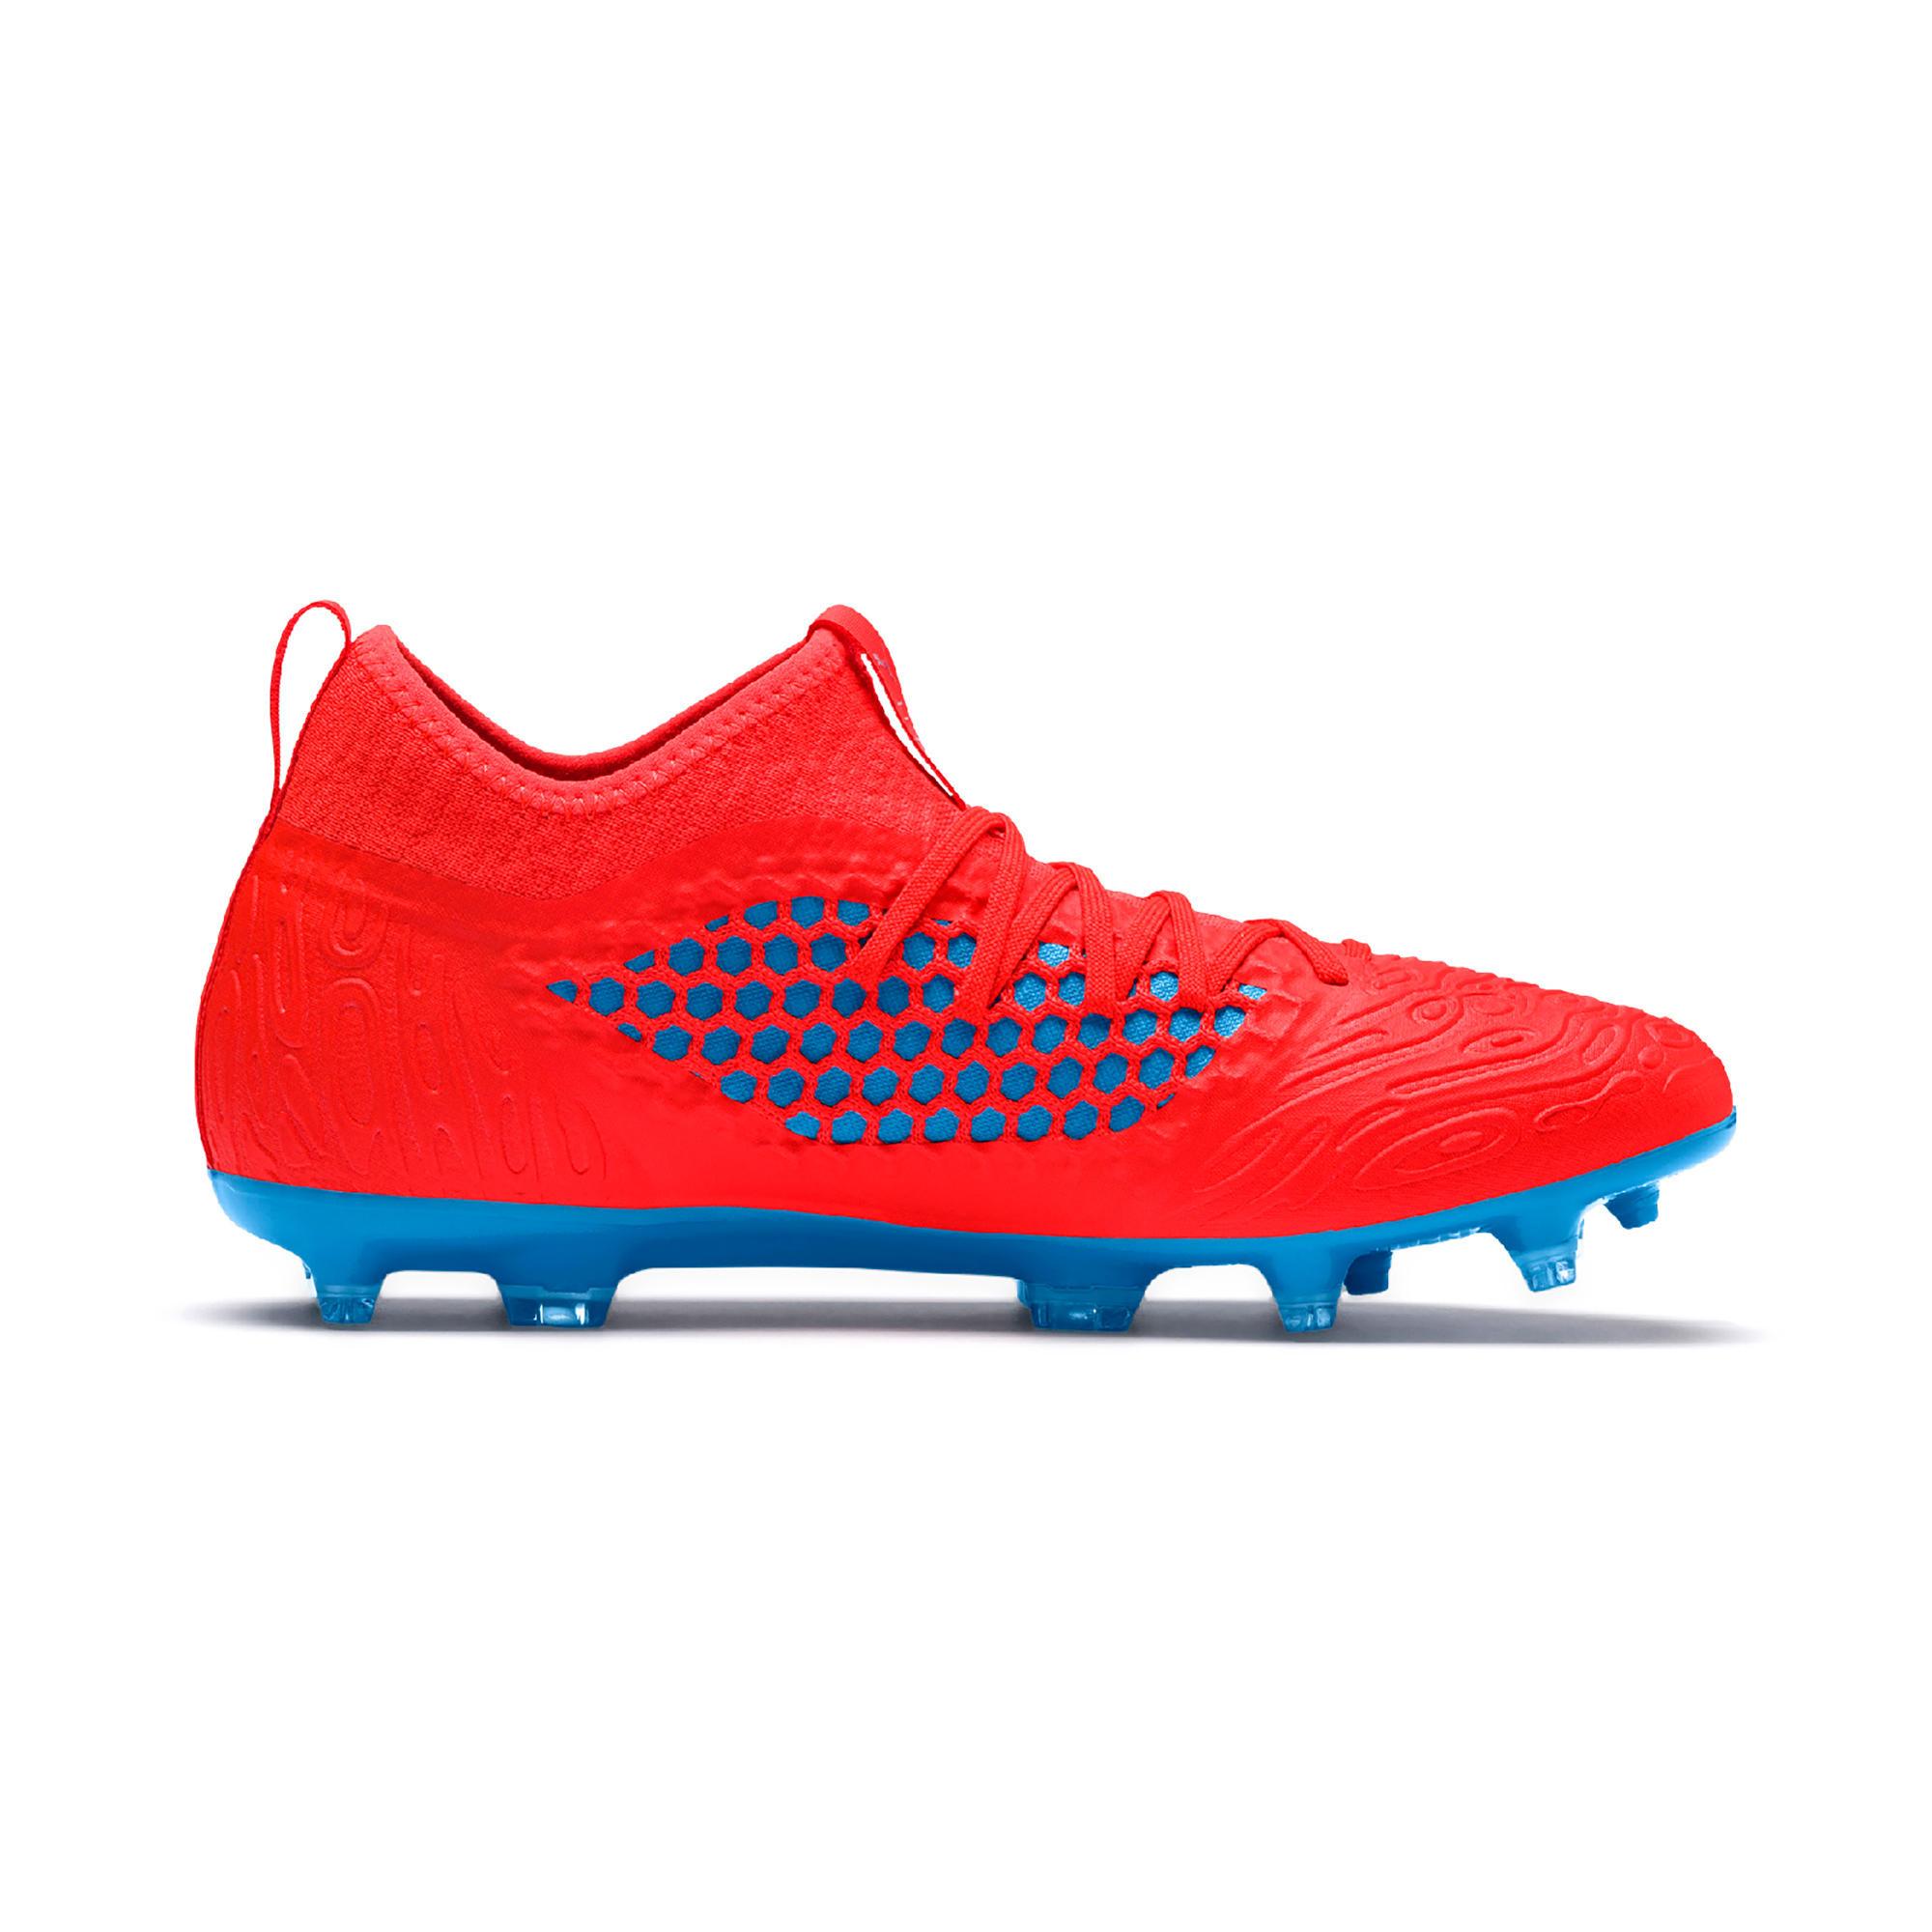 best website f7ec4 4108f Vaste nop schoenen kopen ← Decathlon.nl  Beste prijs-kwalite